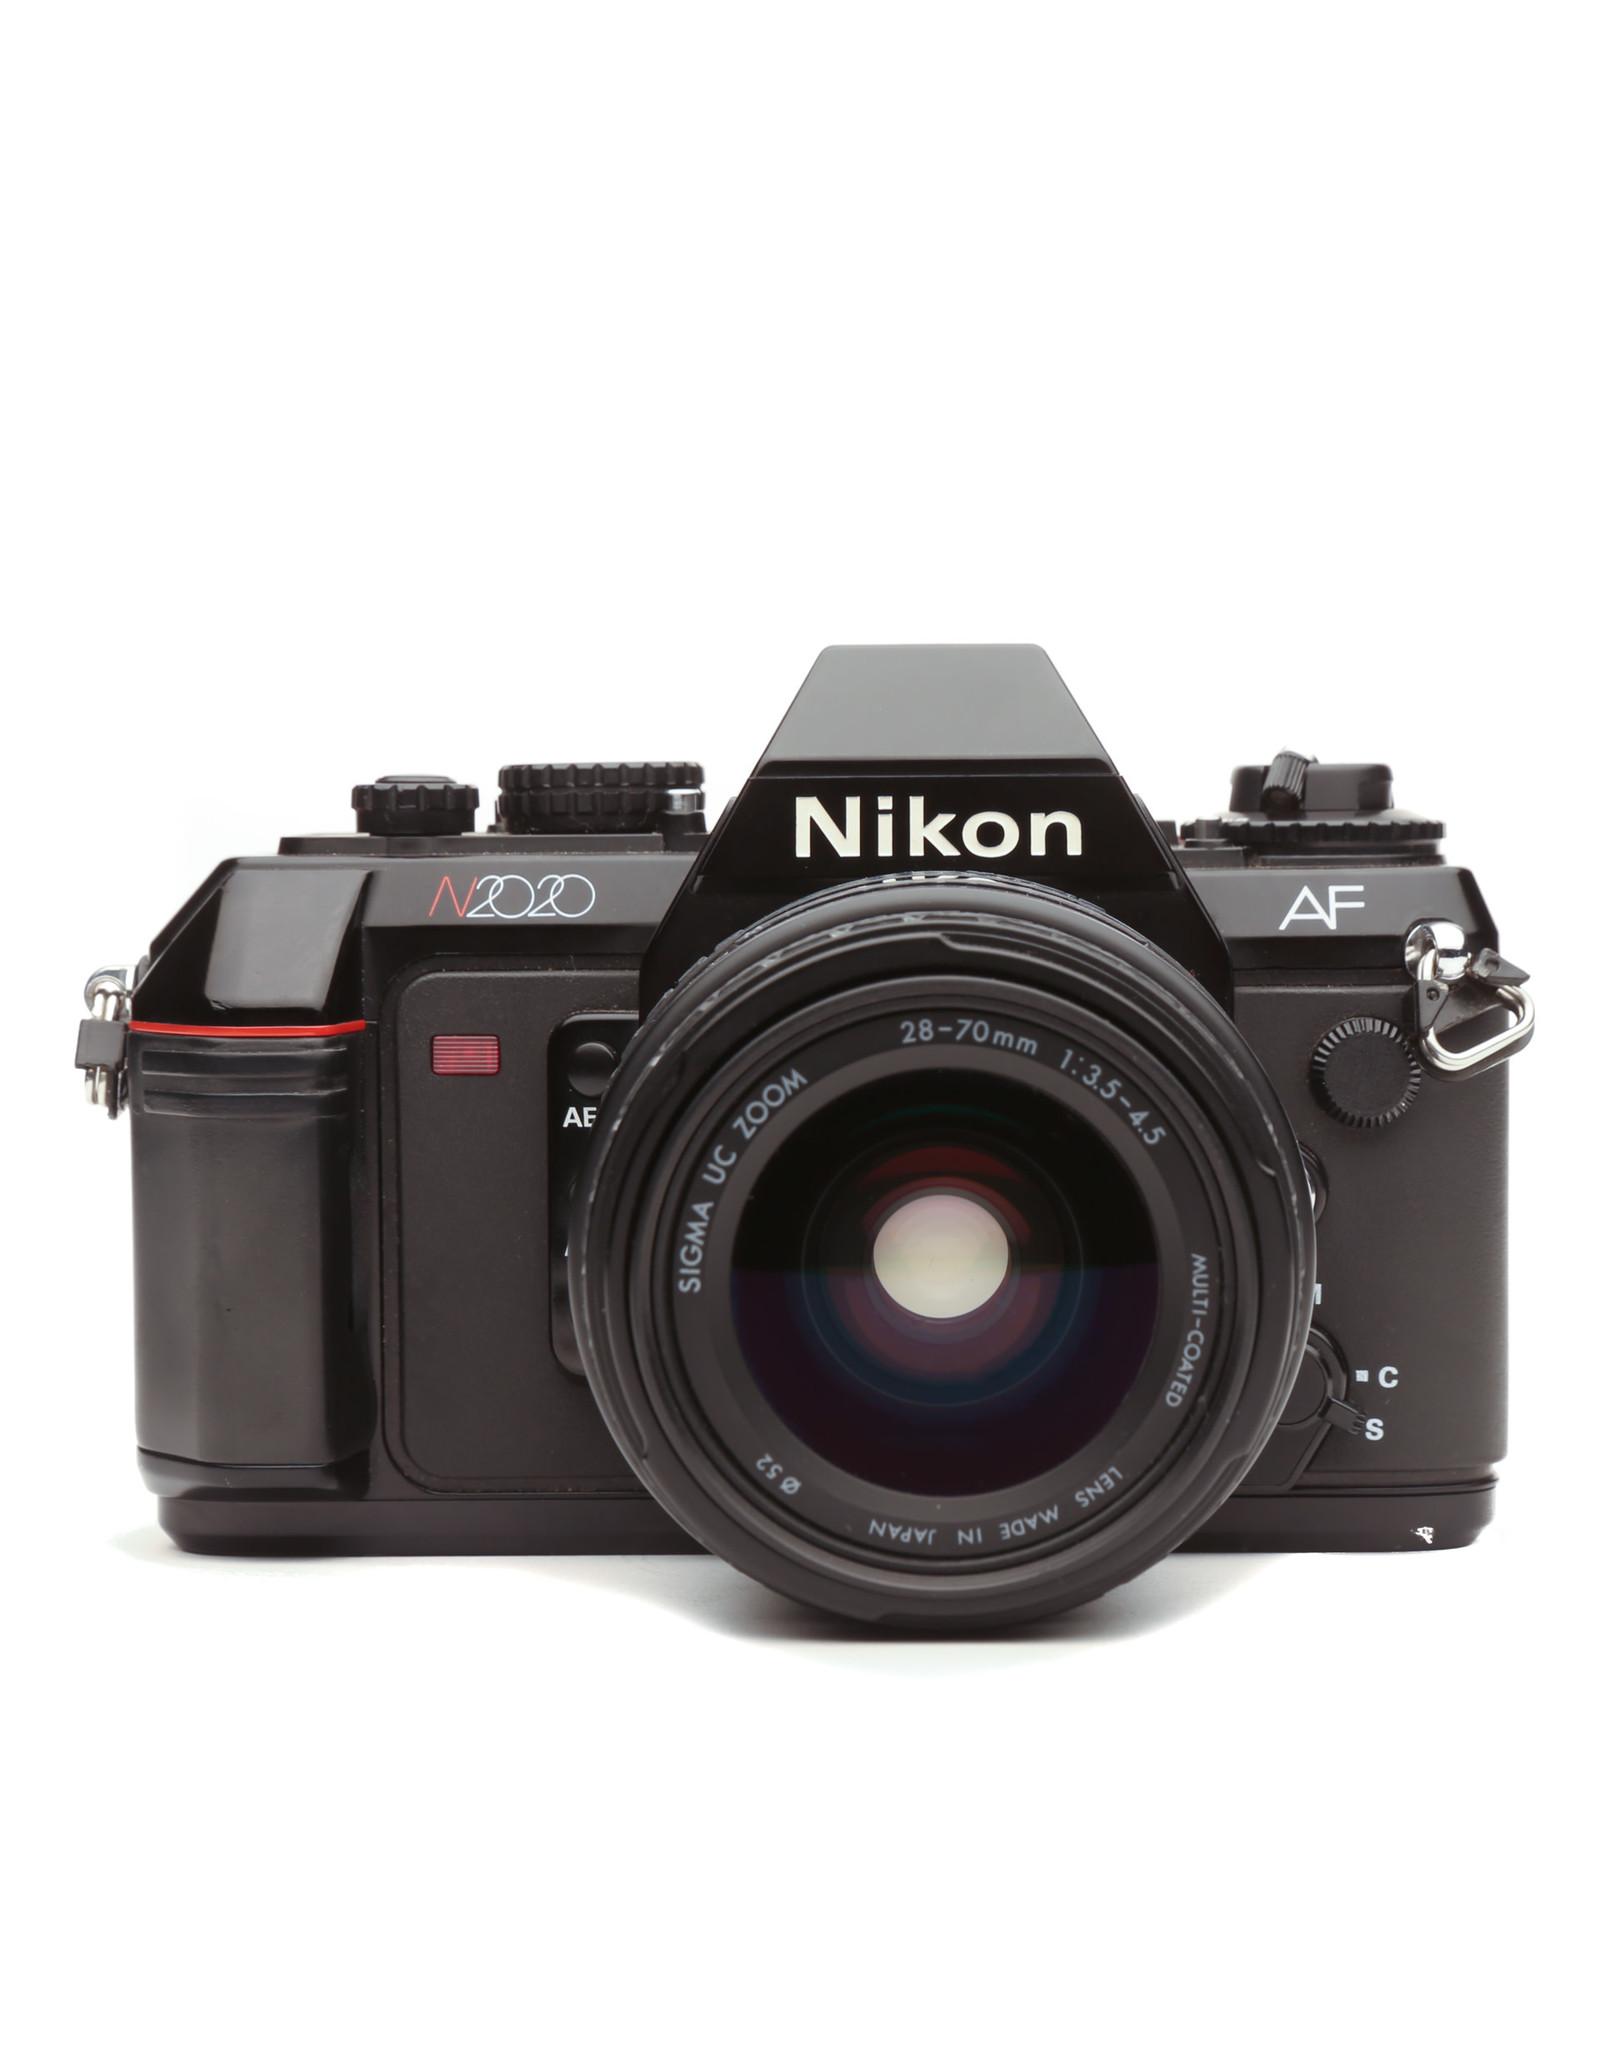 Nikon Nikon N2020 35mm Camera w/35-70mm Lens